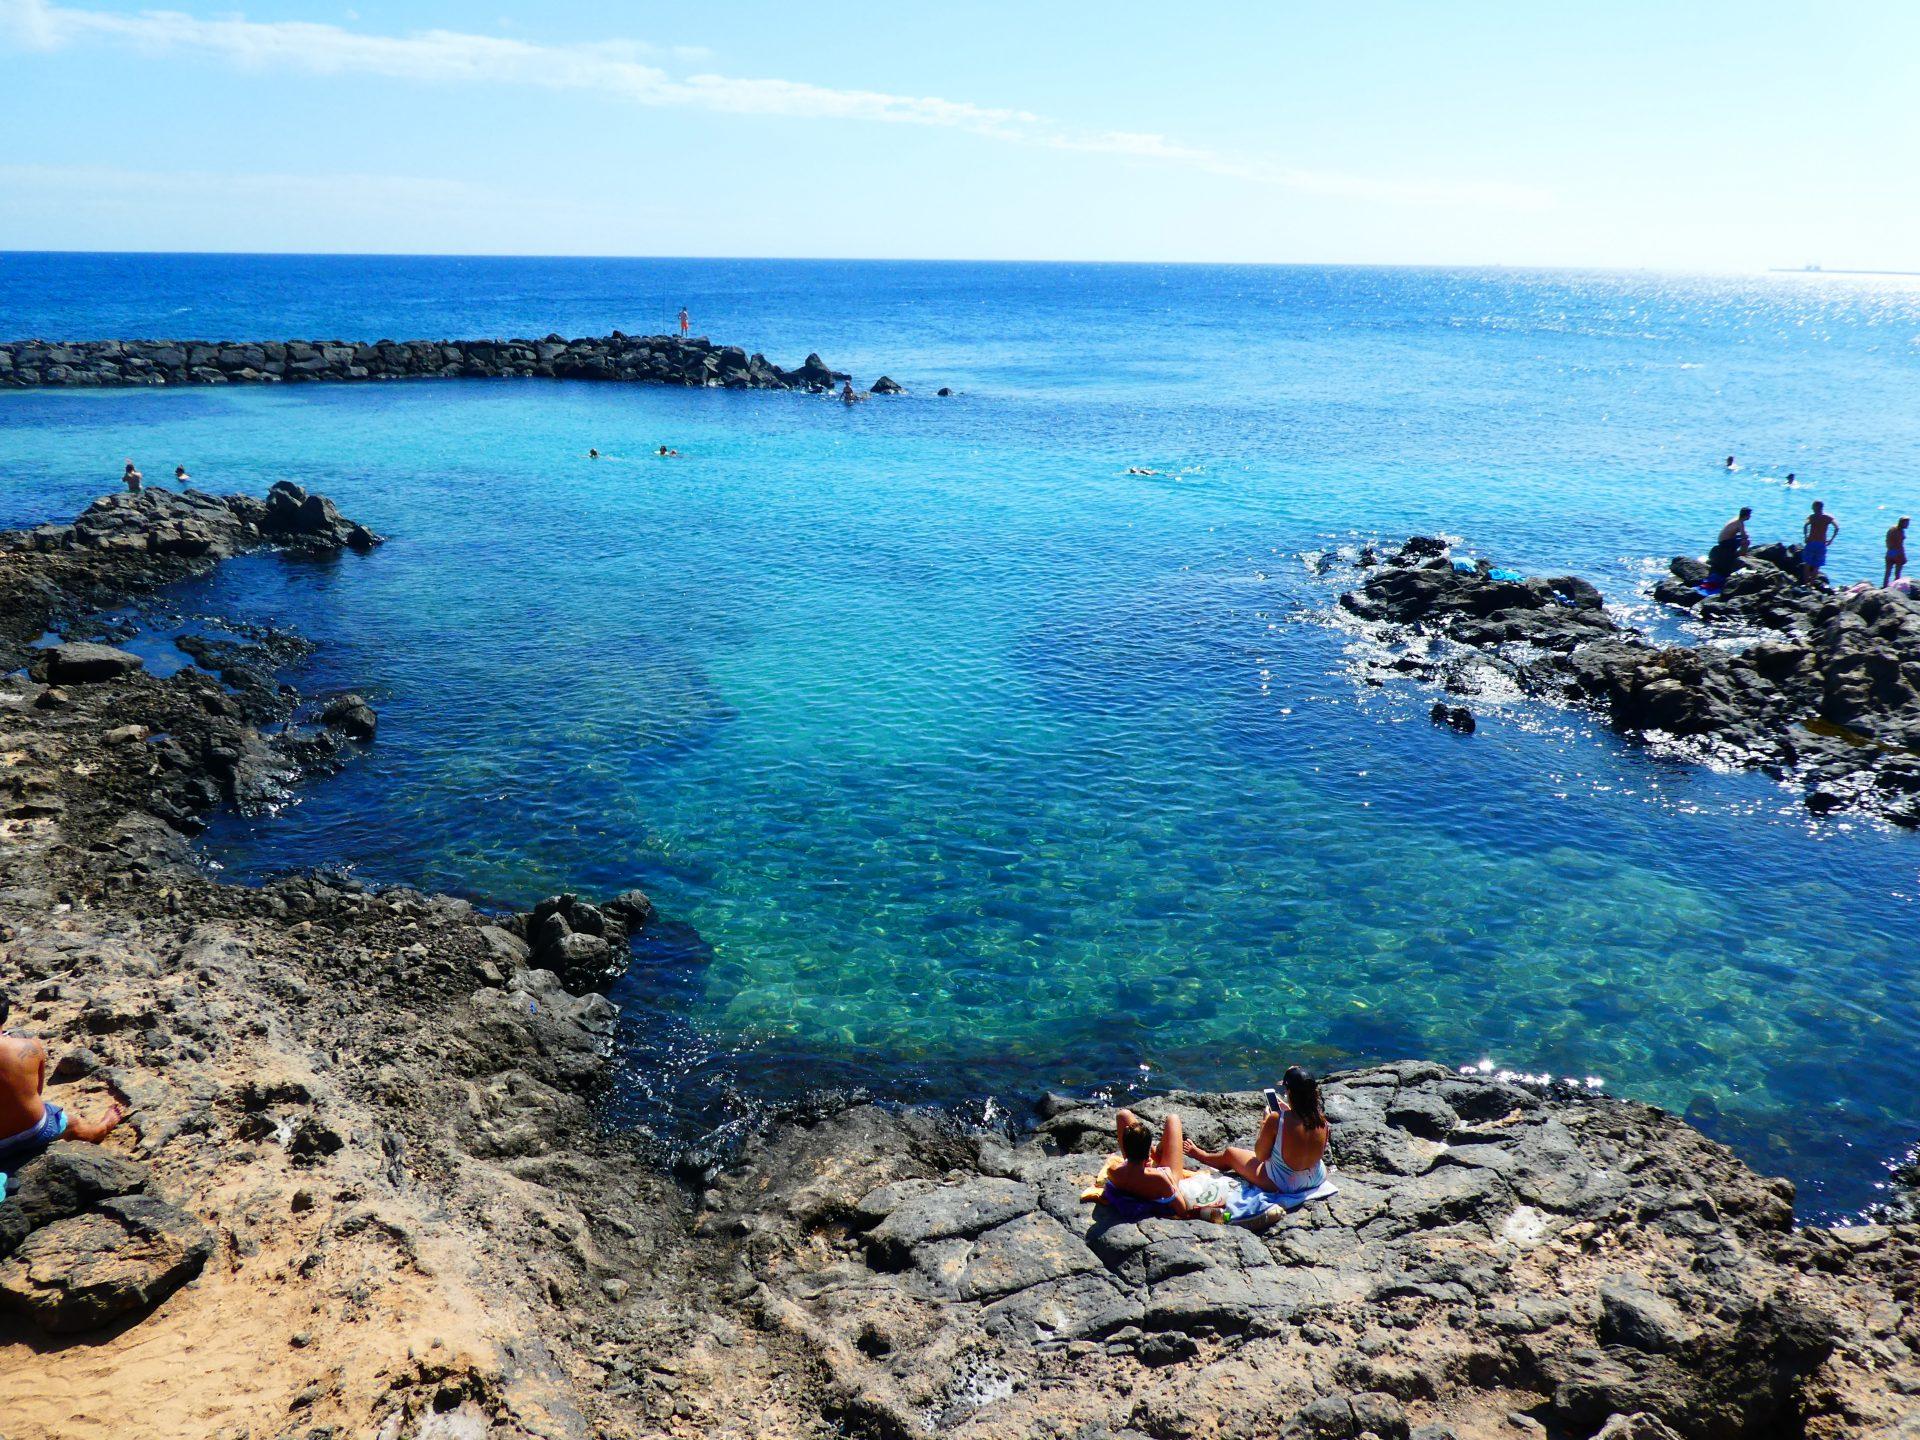 Les plus belles plages de Lanzarote, Costa Teguise